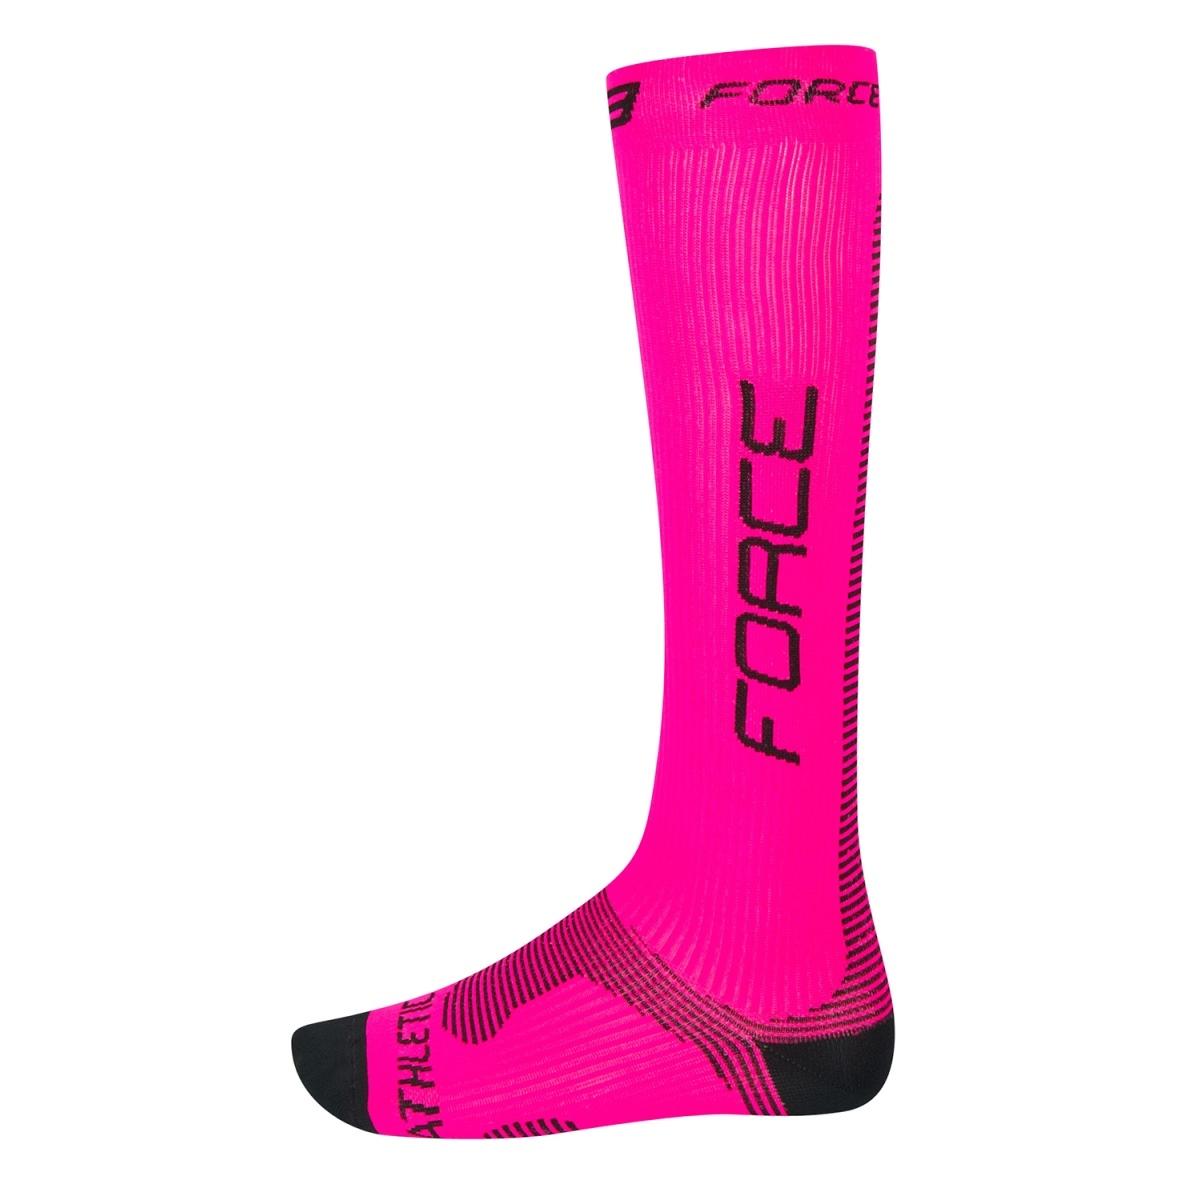 Force ponožky Athletic Pro Kompres růž.-černé S-M